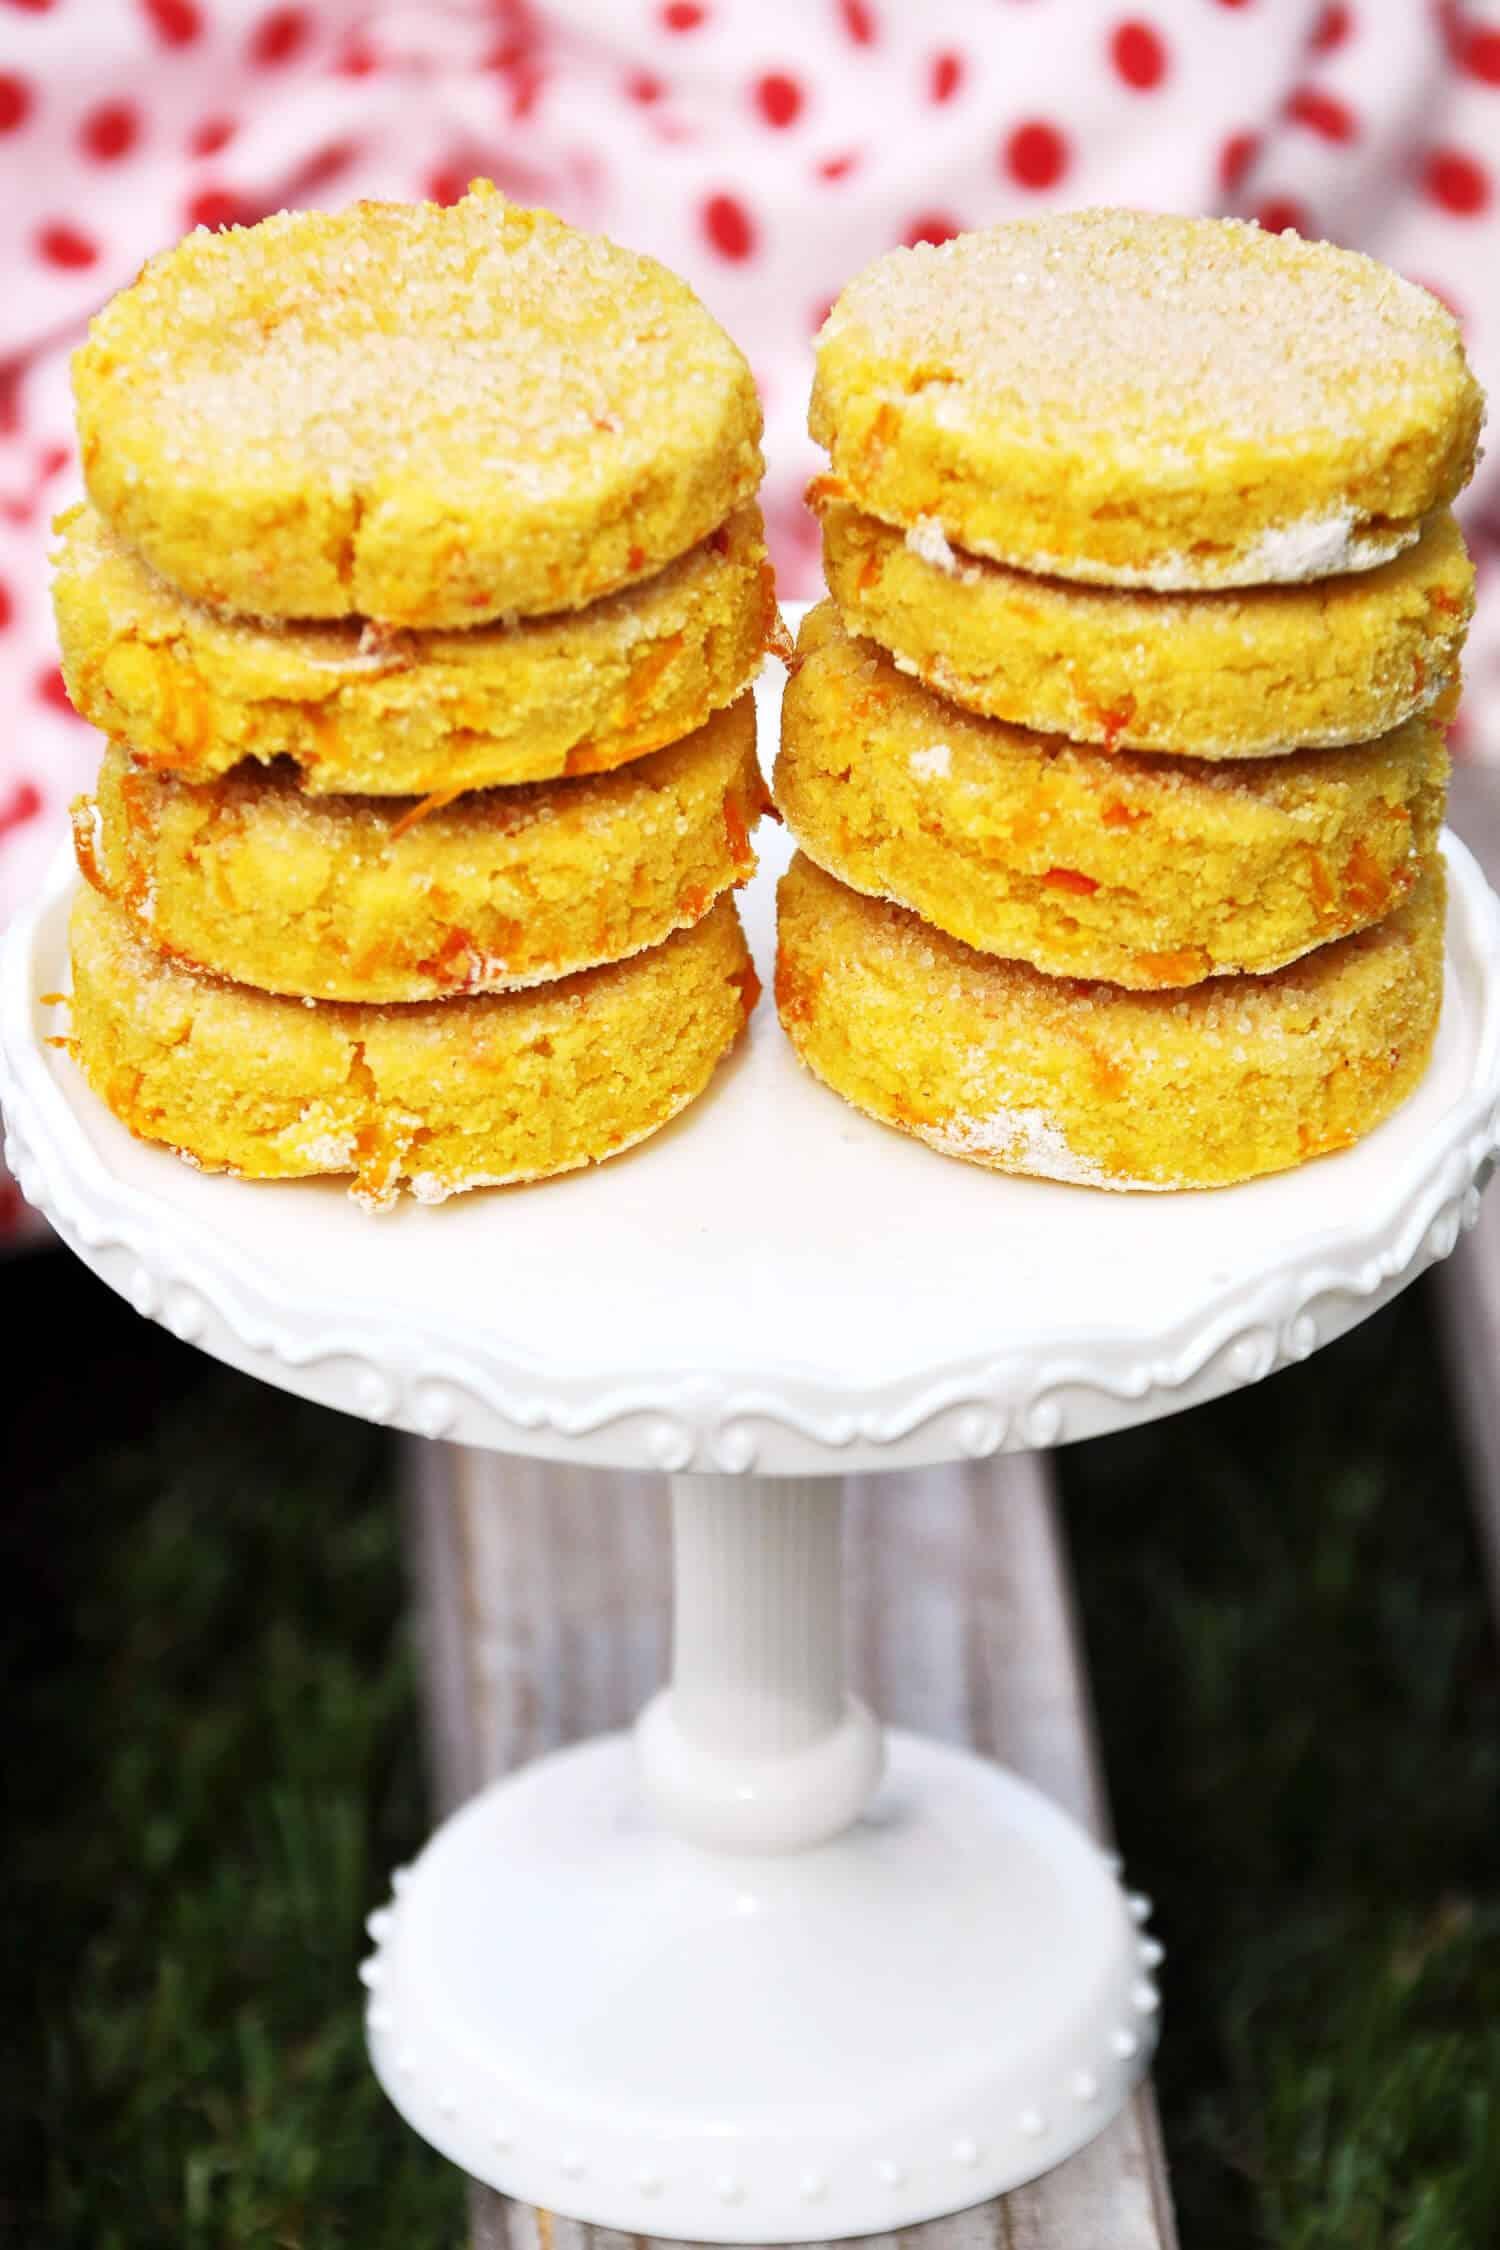 Rezept für Low Carb Kürbis Plätzchen, Kekse bzw Cookies ohne Zucker.